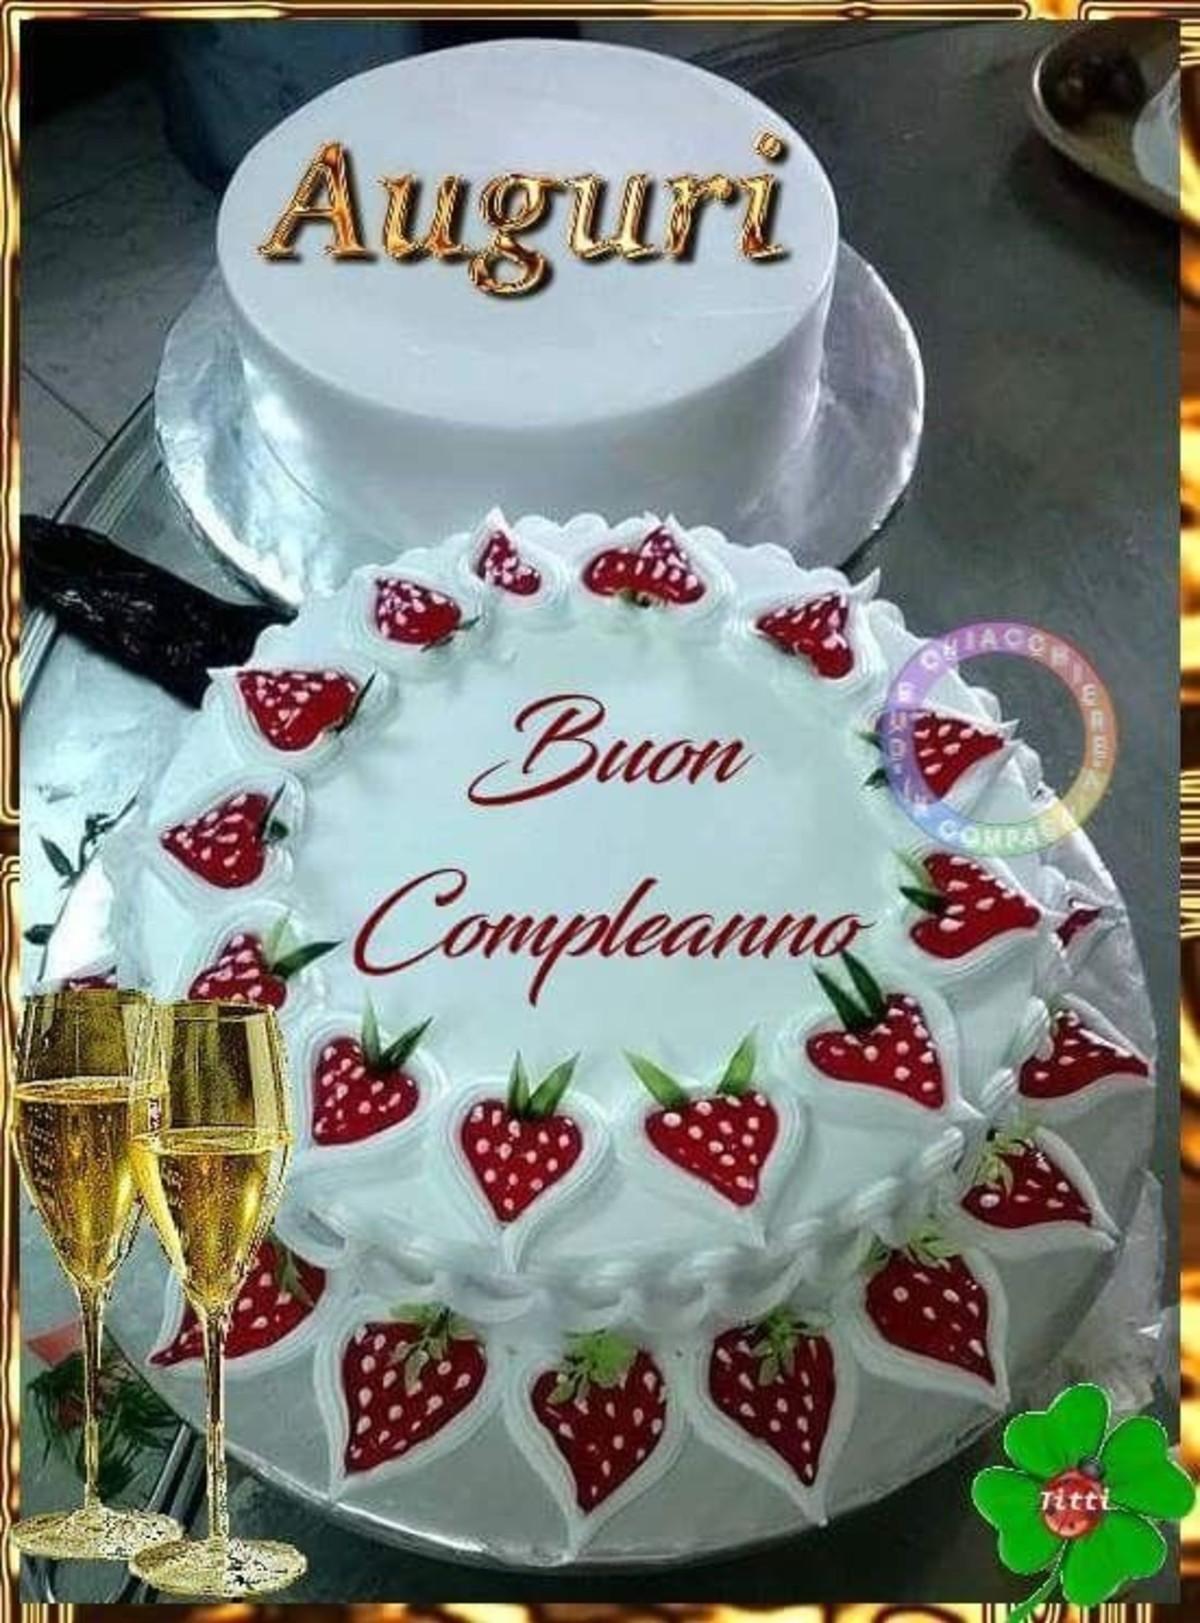 Buon Compleanno Immagini Gratis Archives Pagina 2 Di 4